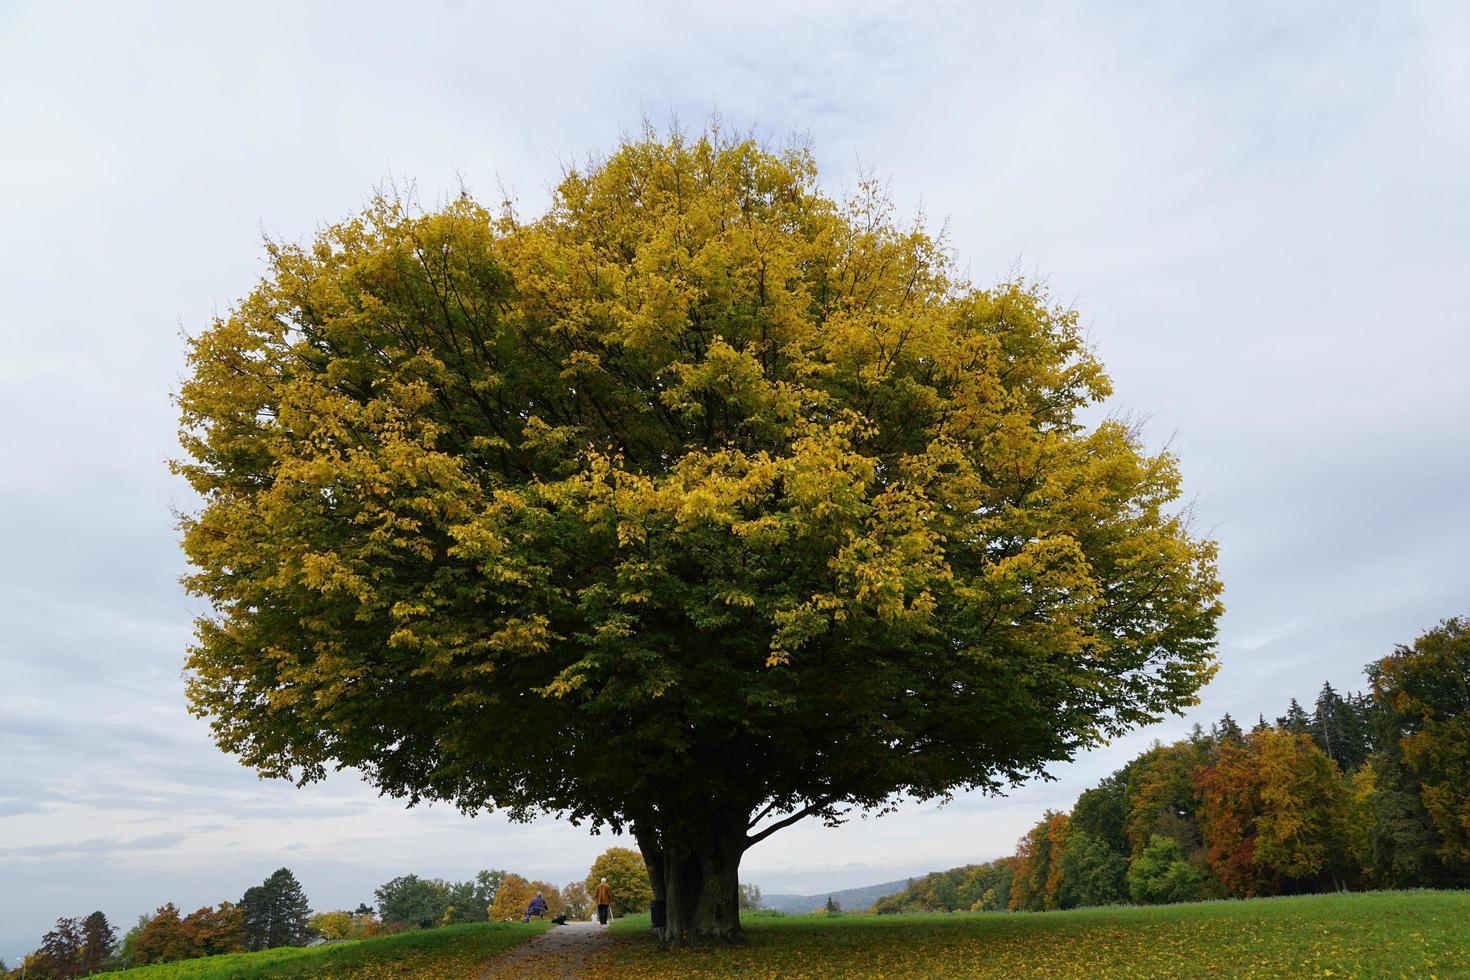 albero in un parco a Zollikon foto